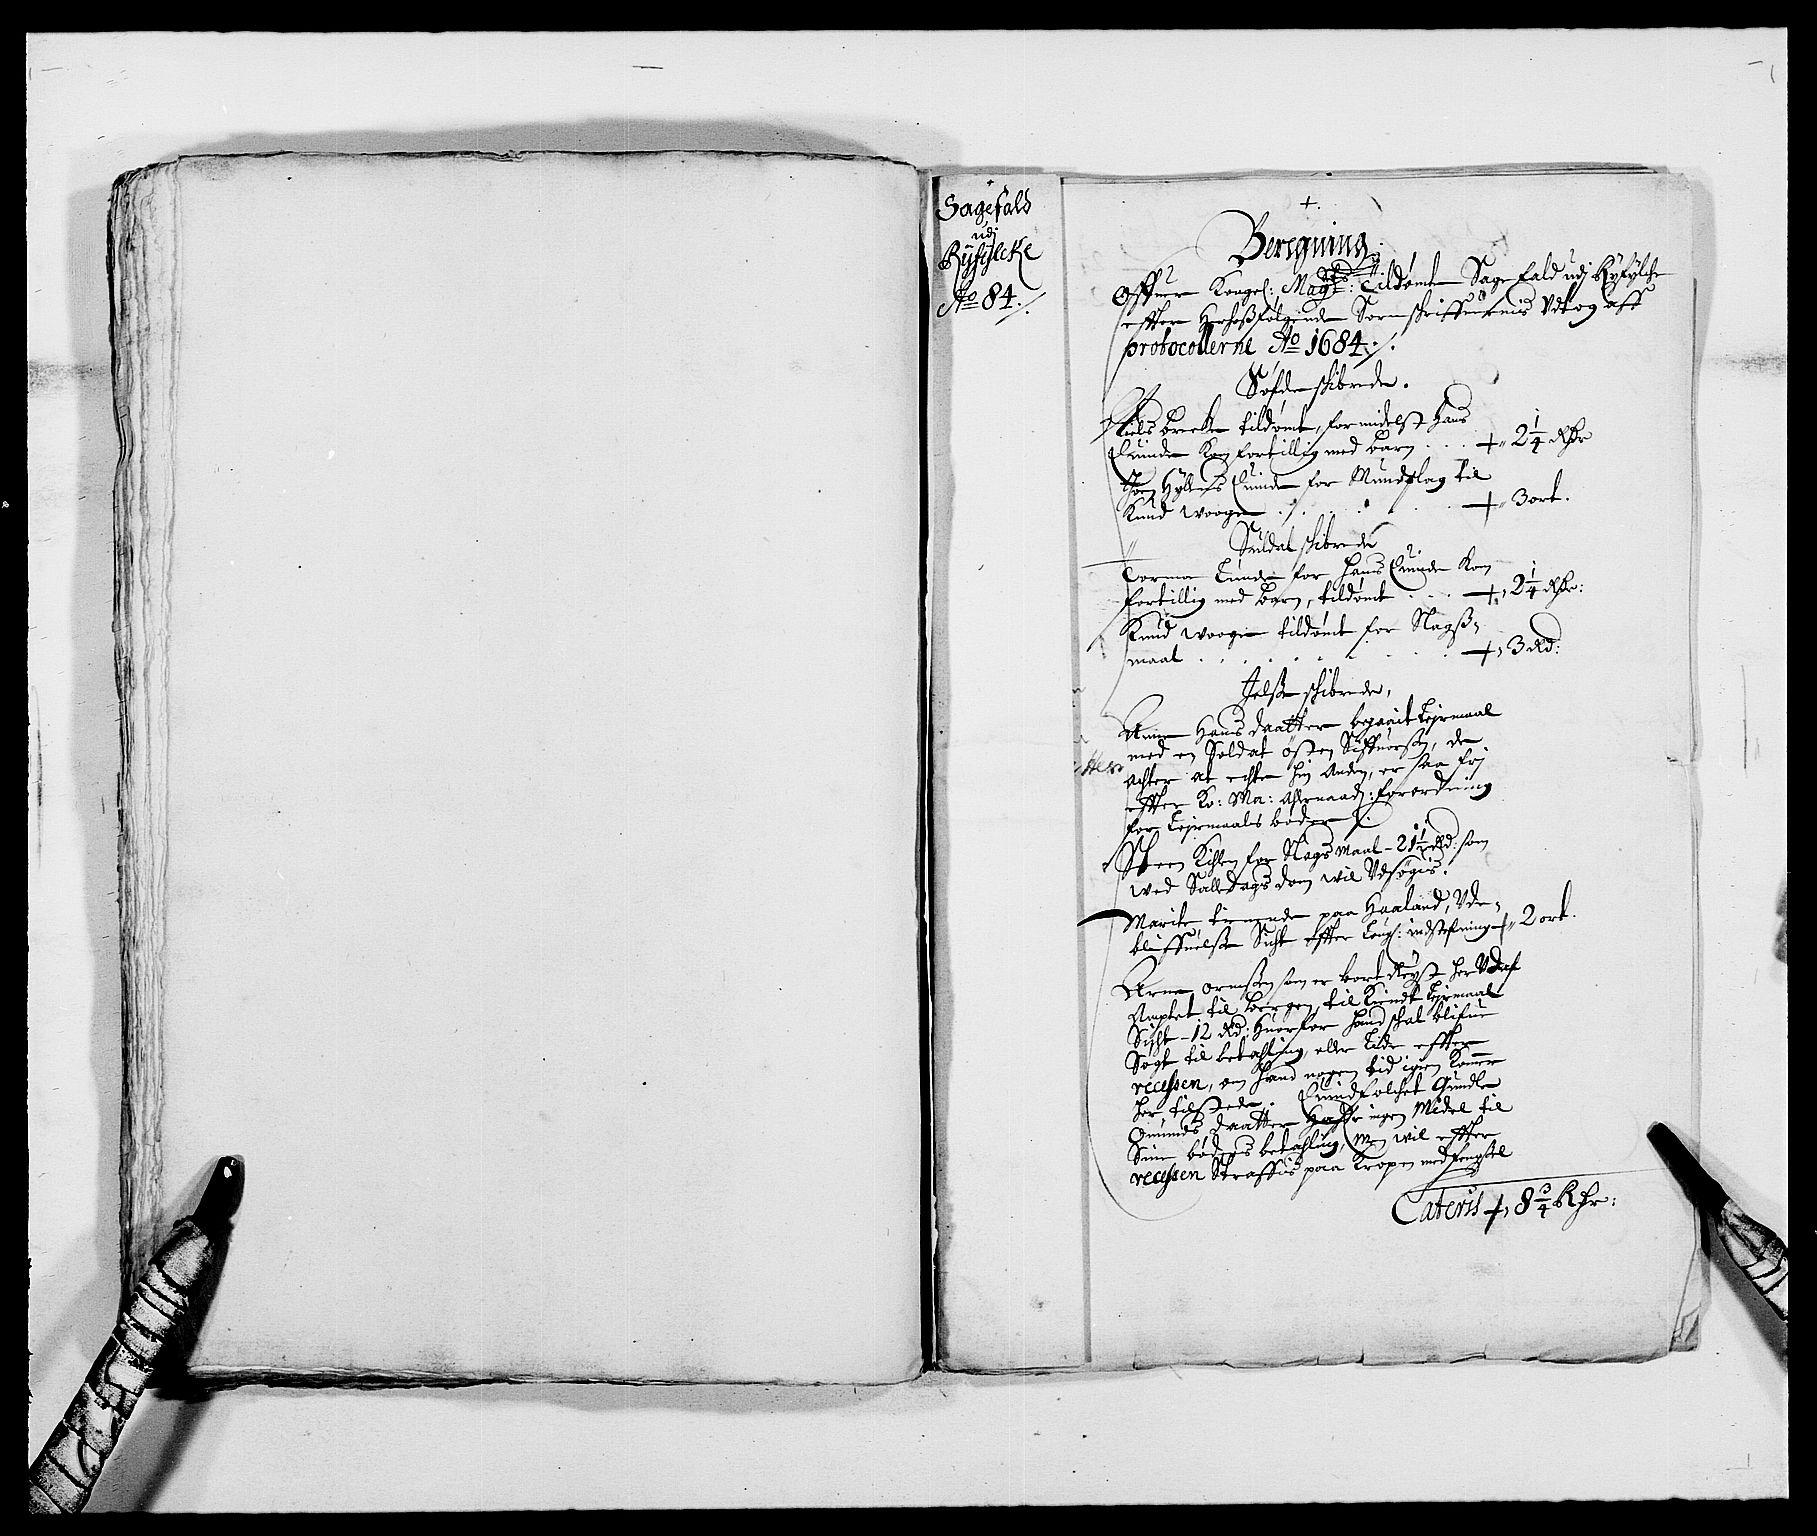 RA, Rentekammeret inntil 1814, Reviderte regnskaper, Fogderegnskap, R47/L2854: Fogderegnskap Ryfylke, 1684, s. 57